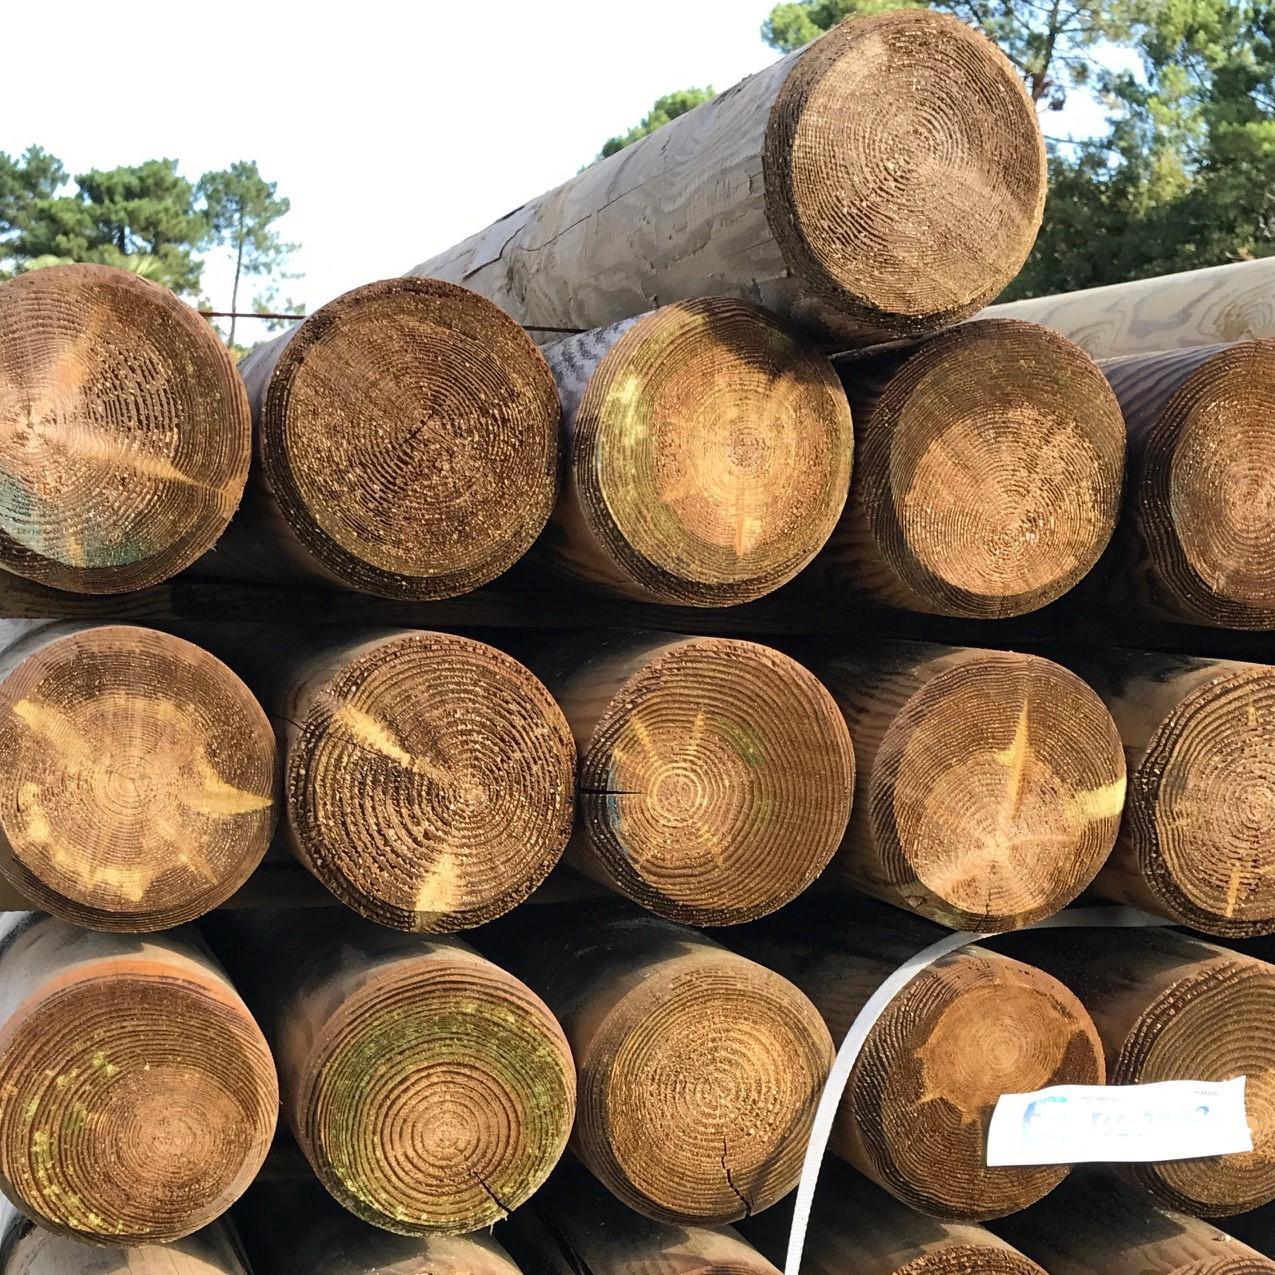 Bois Pour Exterieur Classe 4 rondin bois autoclave fraisé Ø14 x 240 cm